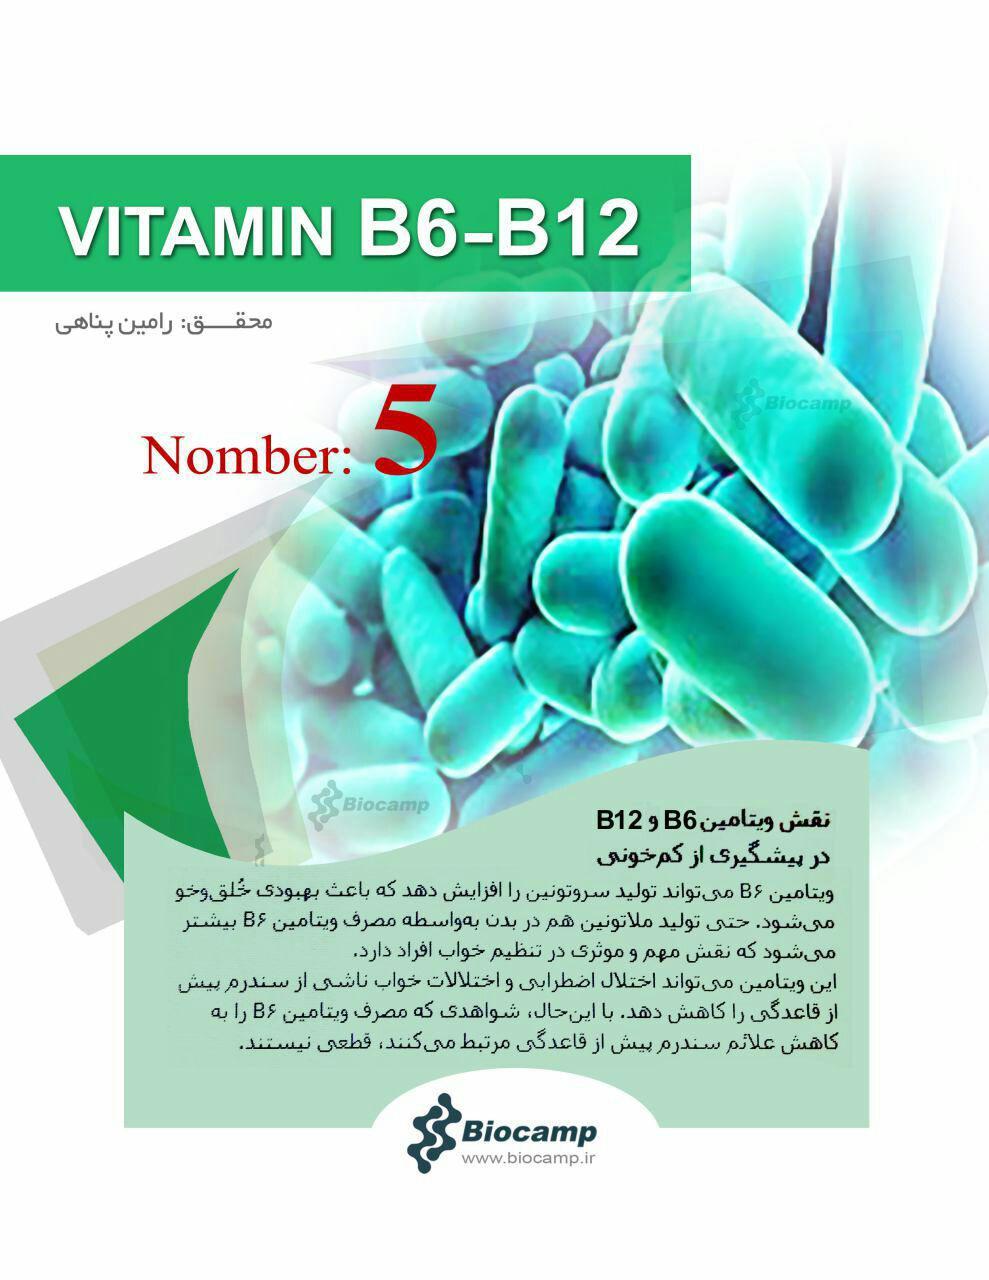 نقش ویتامین ها بر بدن نقش ویتامین های B6 و B12 بر بدن نقش ویتامین های B6 و B12 بر بدن photo 2016 10 03 23 08 42